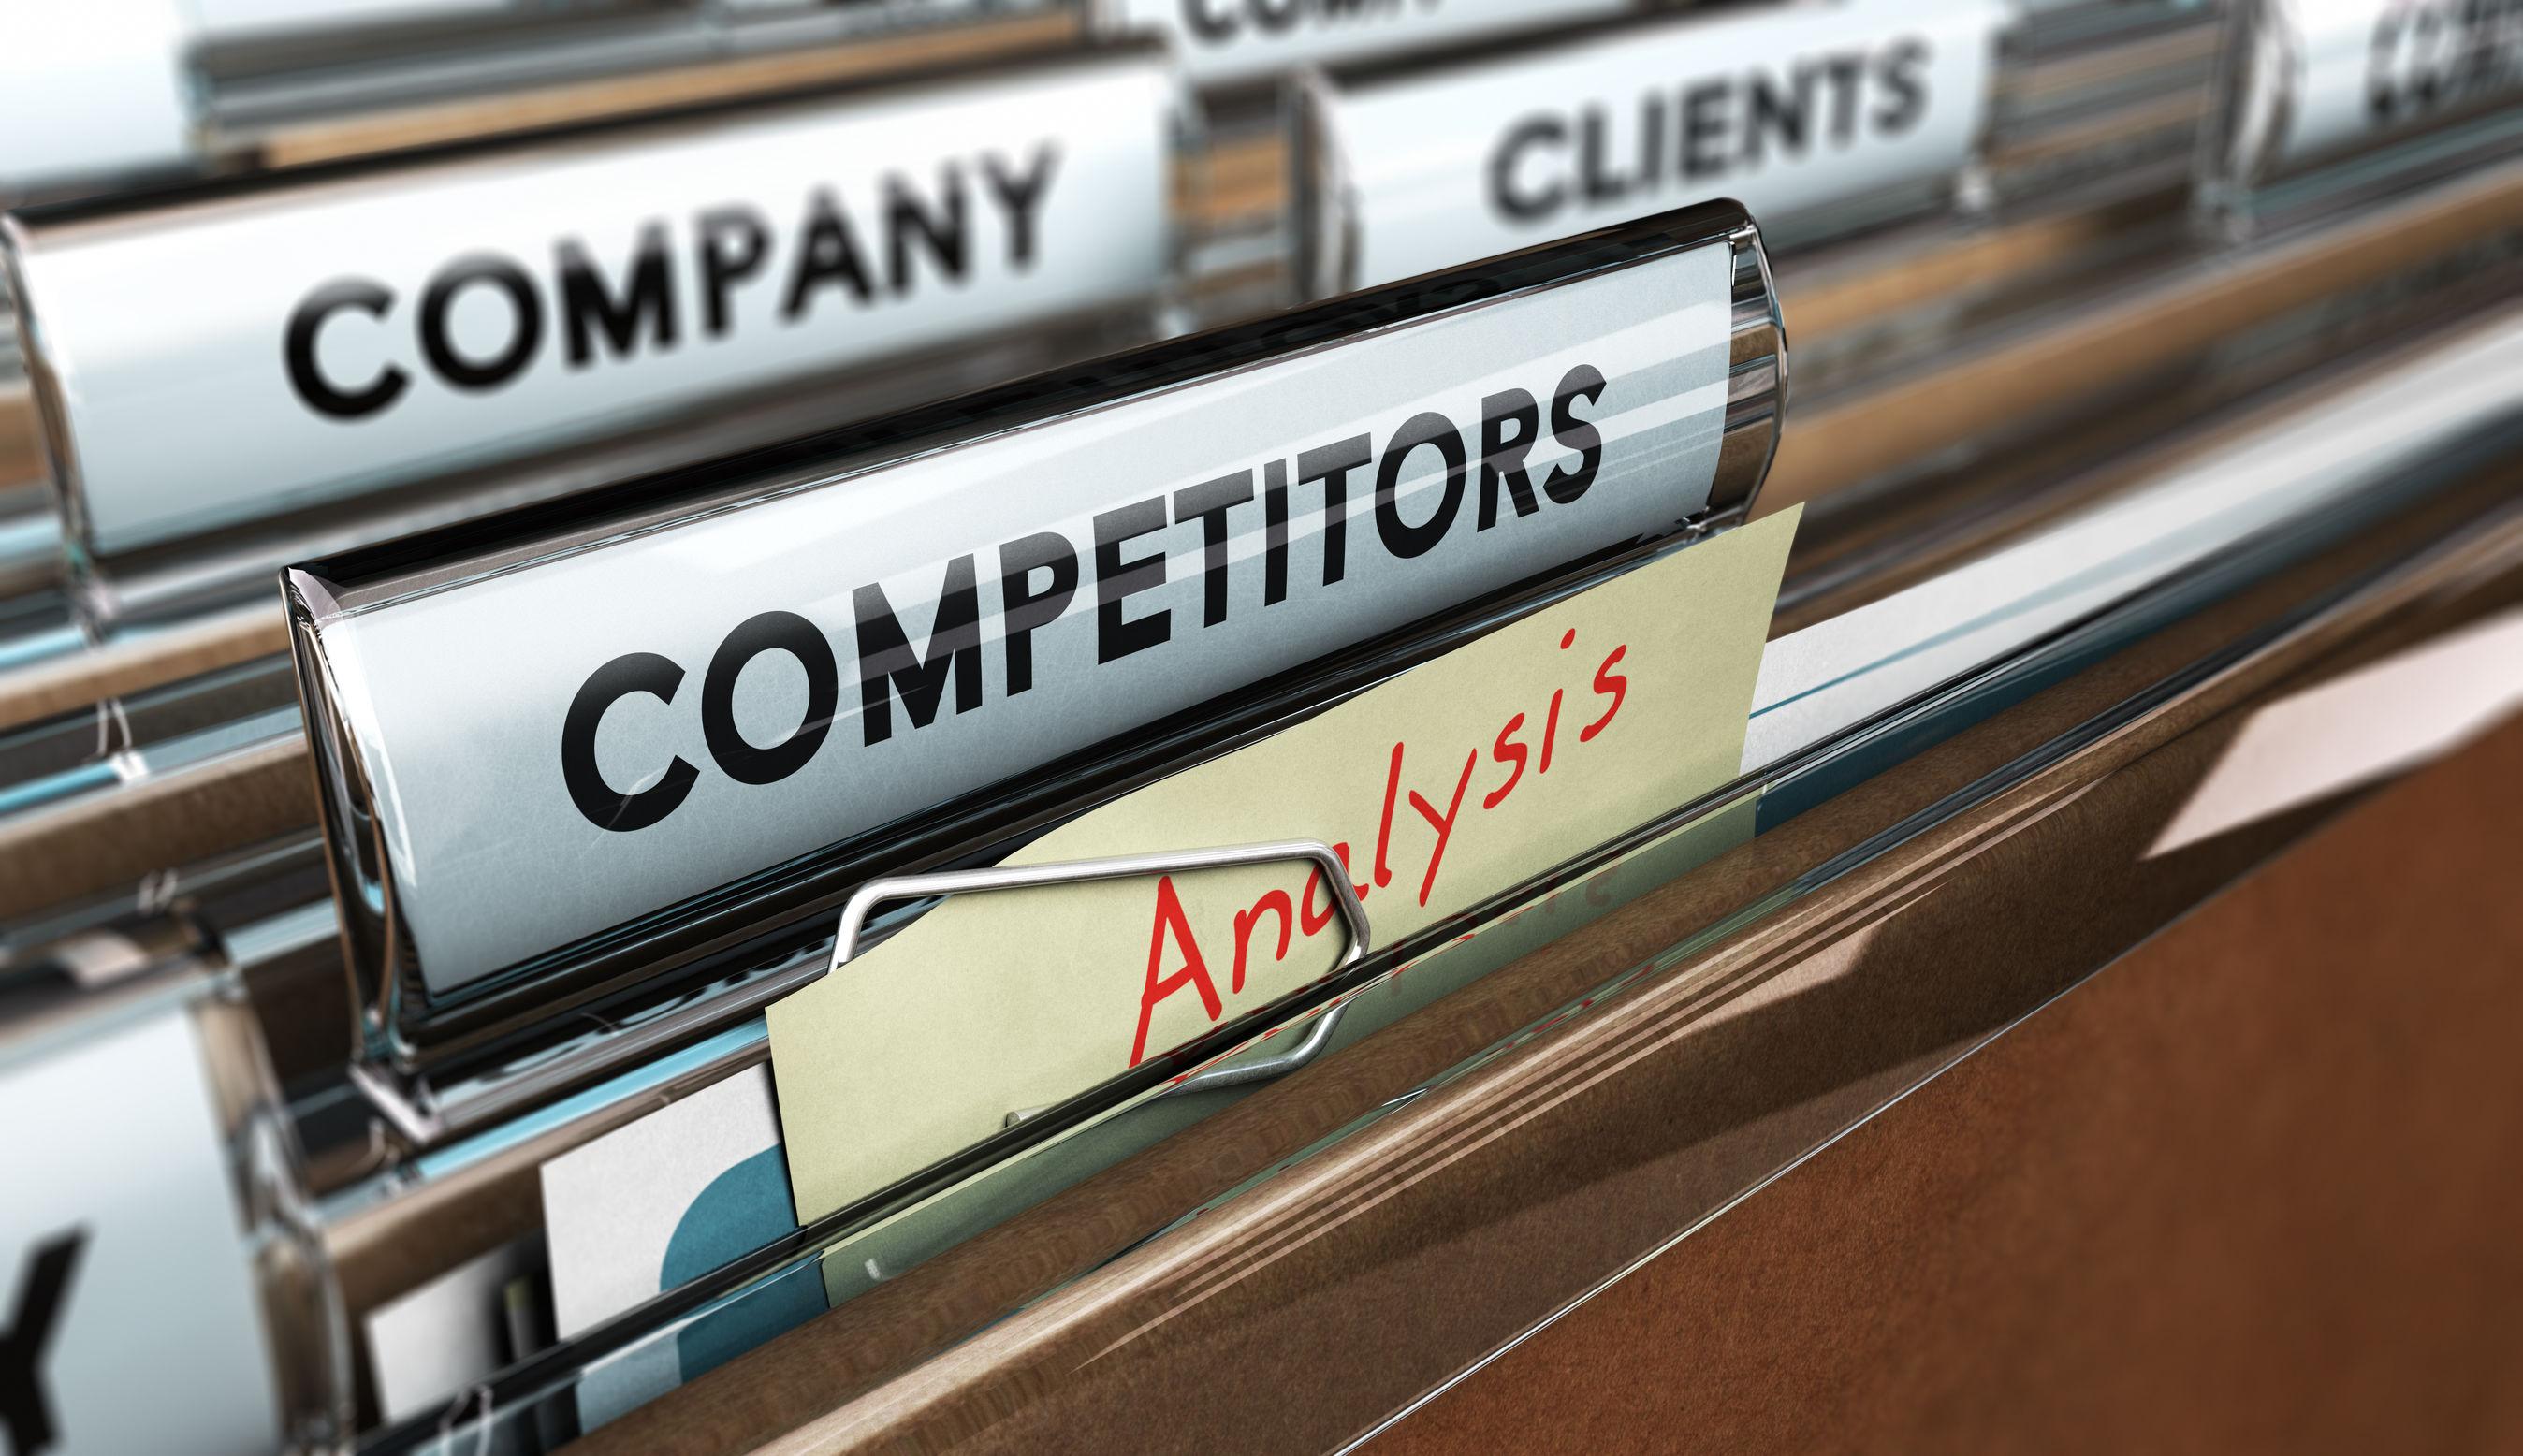 Cara Menyusun Analisis Kompetitif yang Tepat